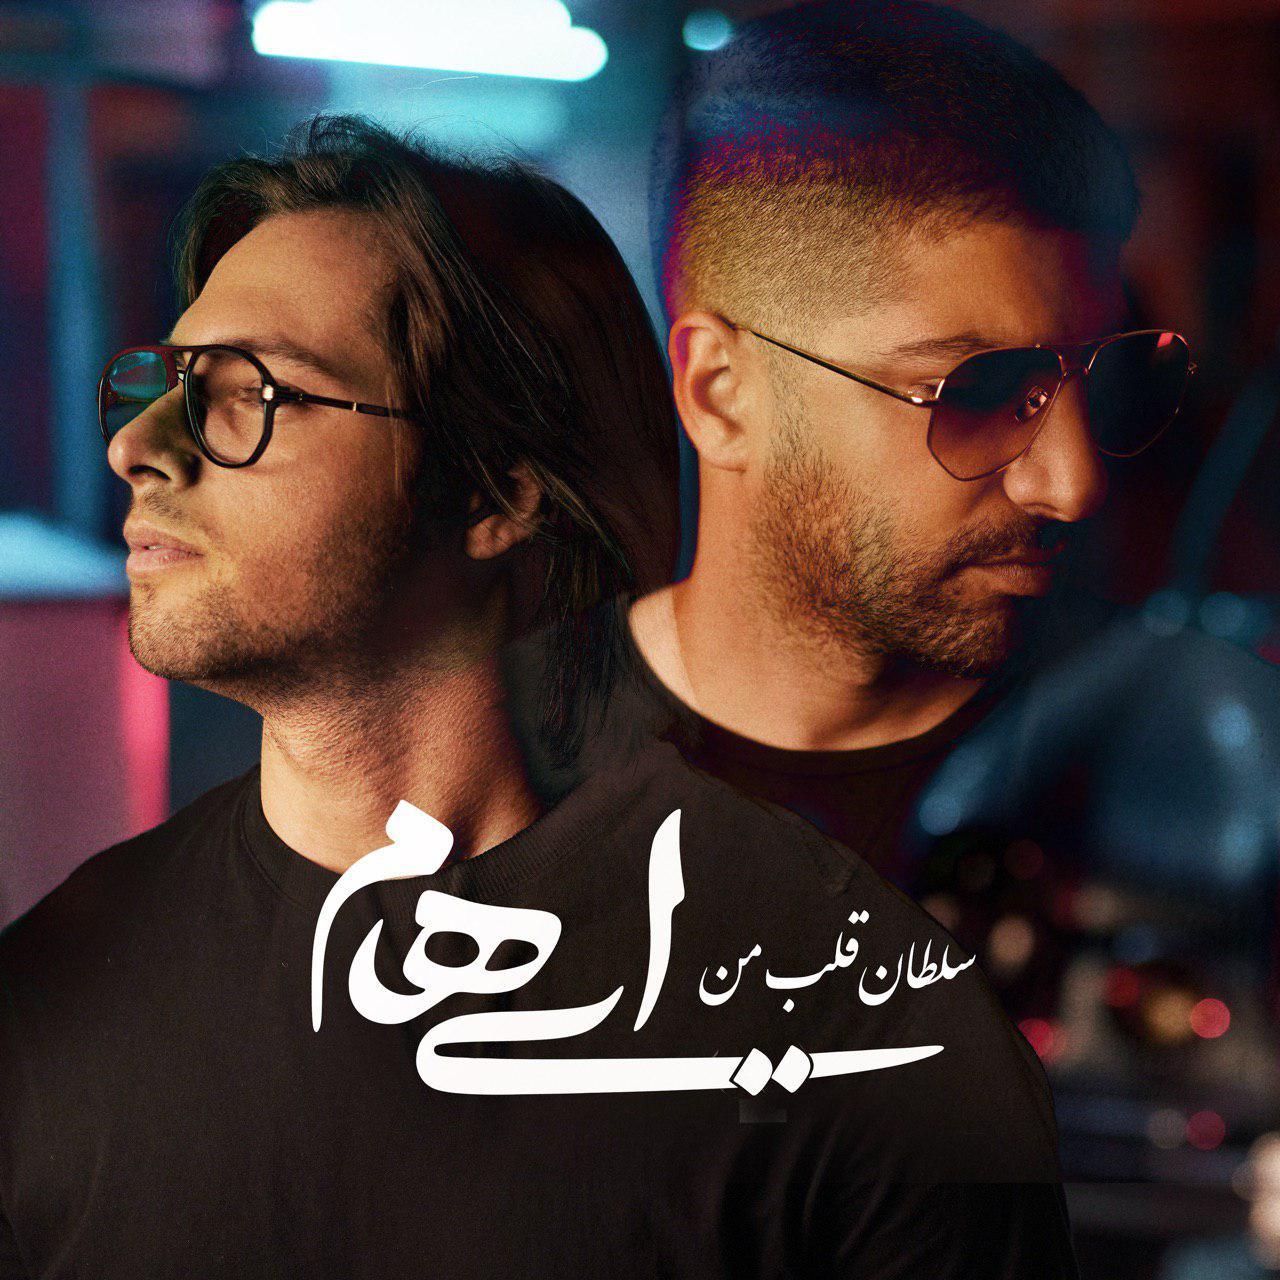 Ehaam – Soltane Ghalbe Man